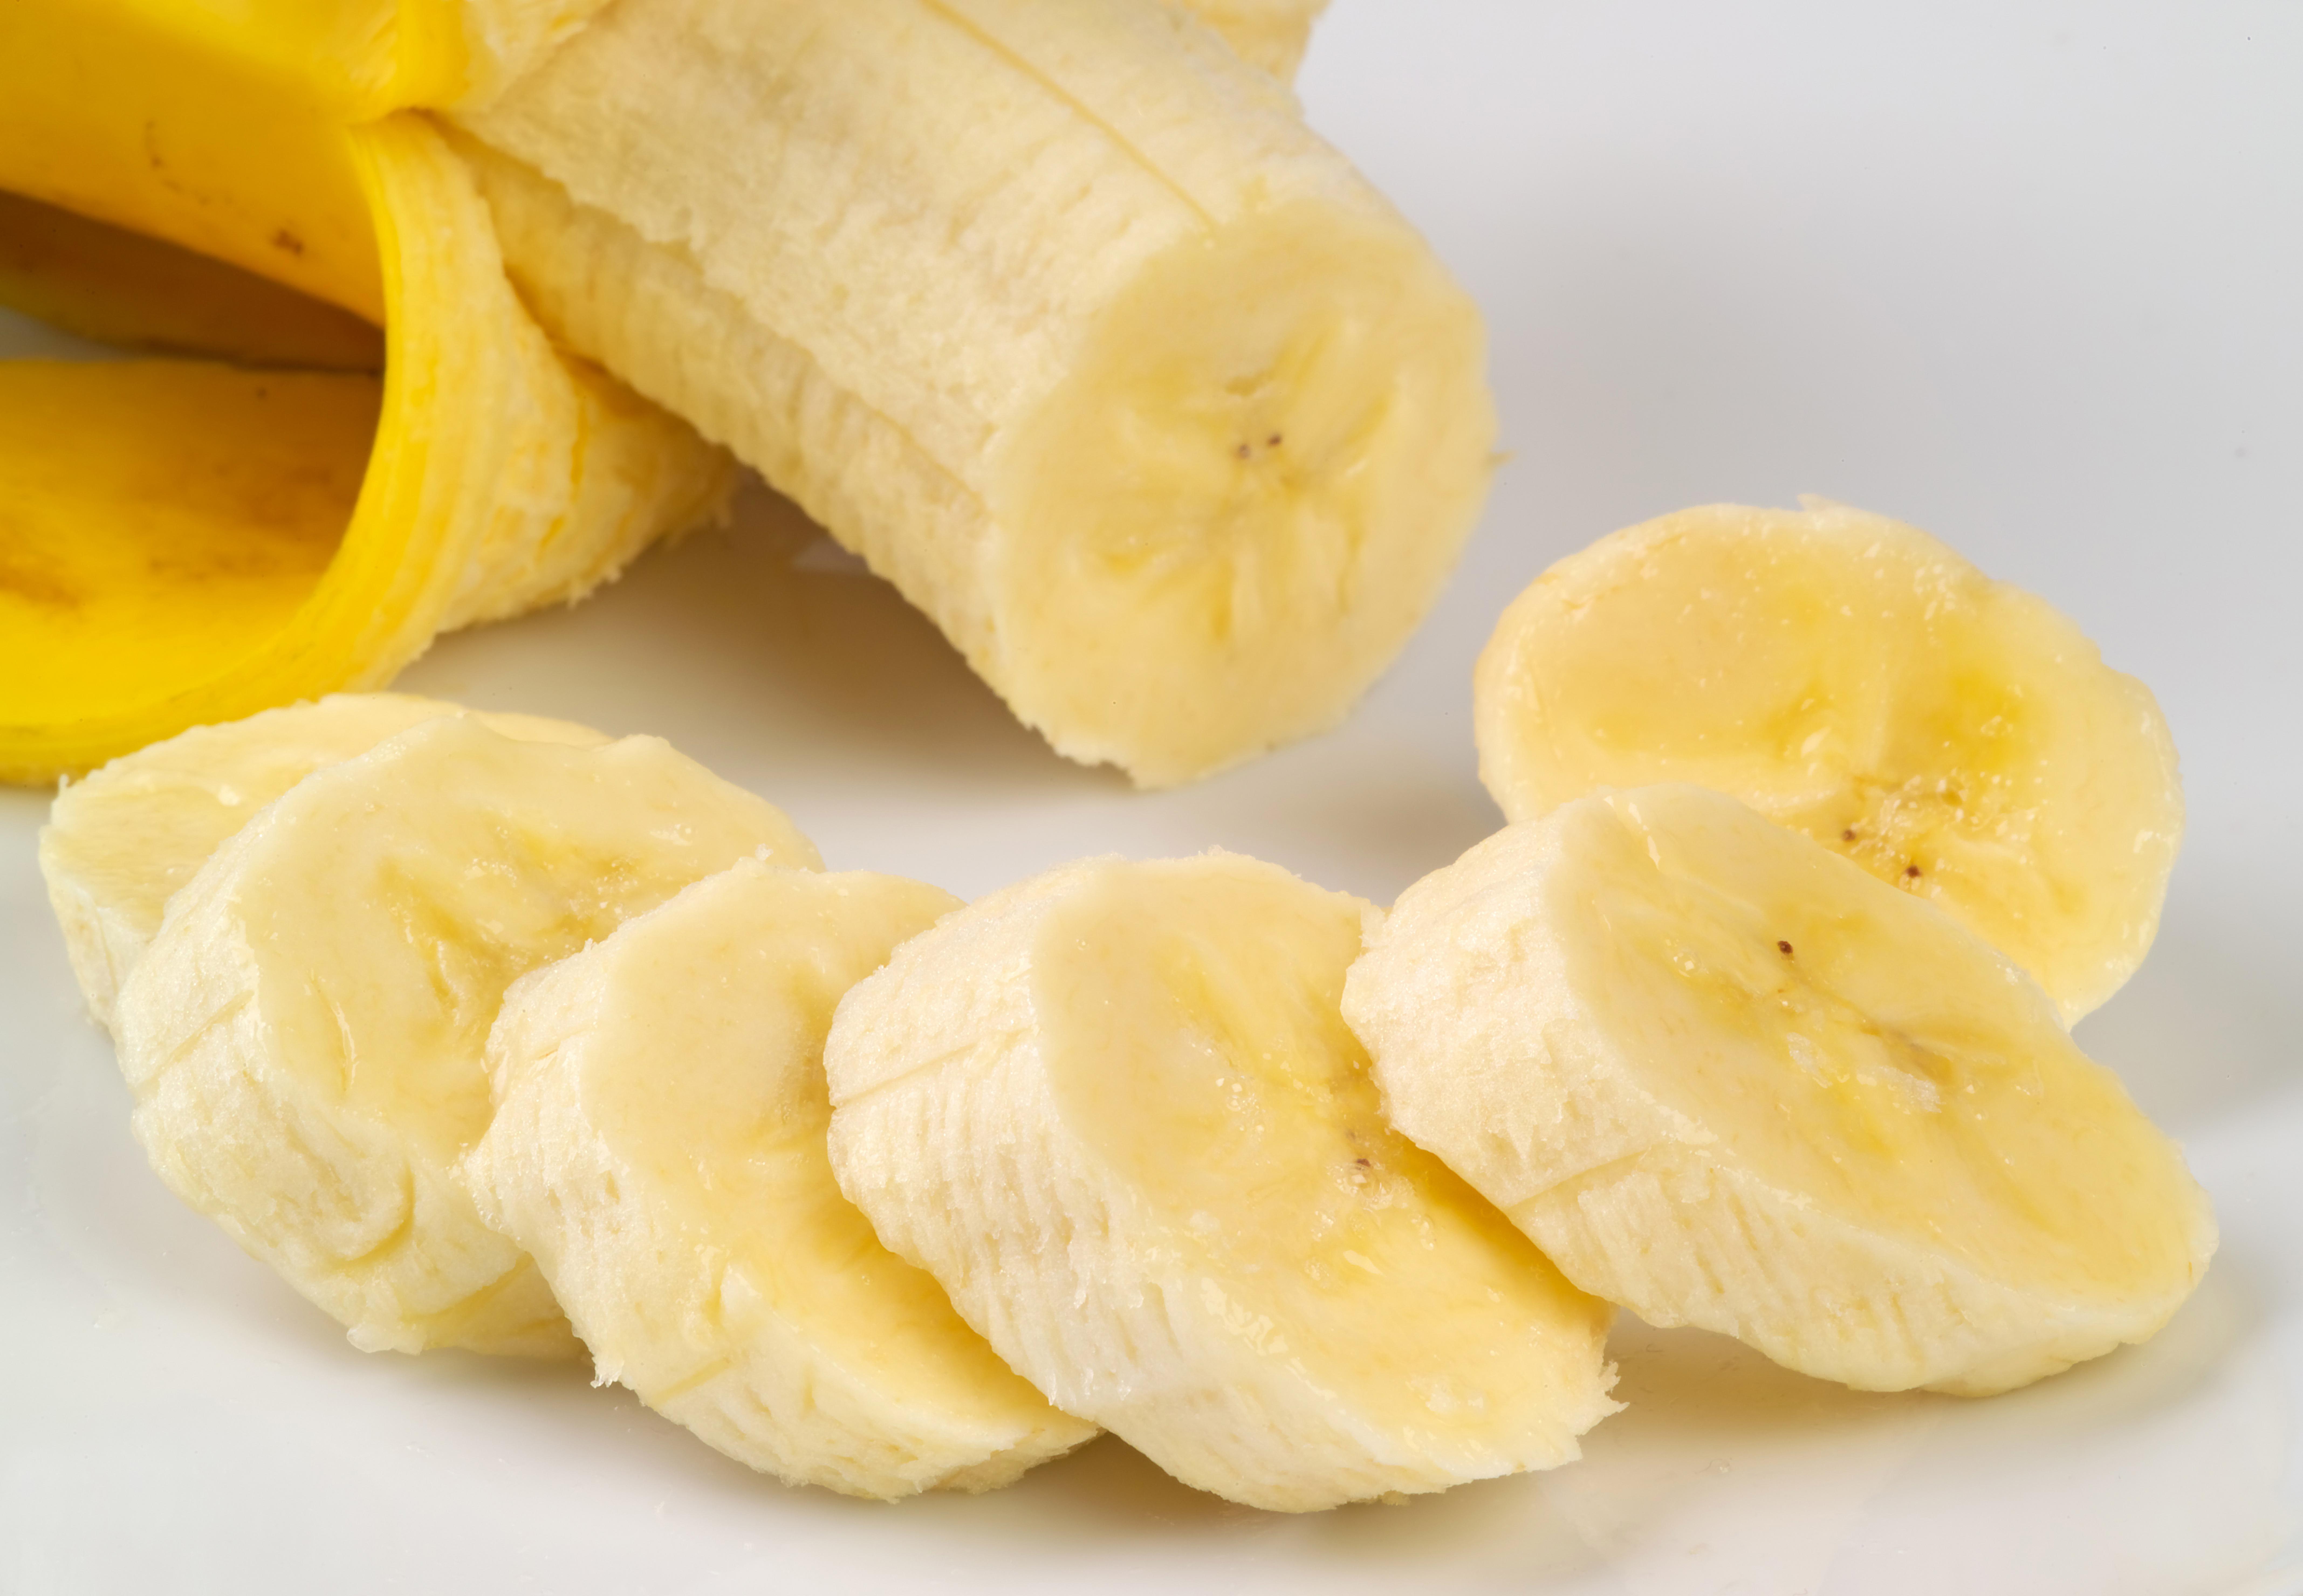 Bananas – išminčiaus vaisius ir senatvės priešas